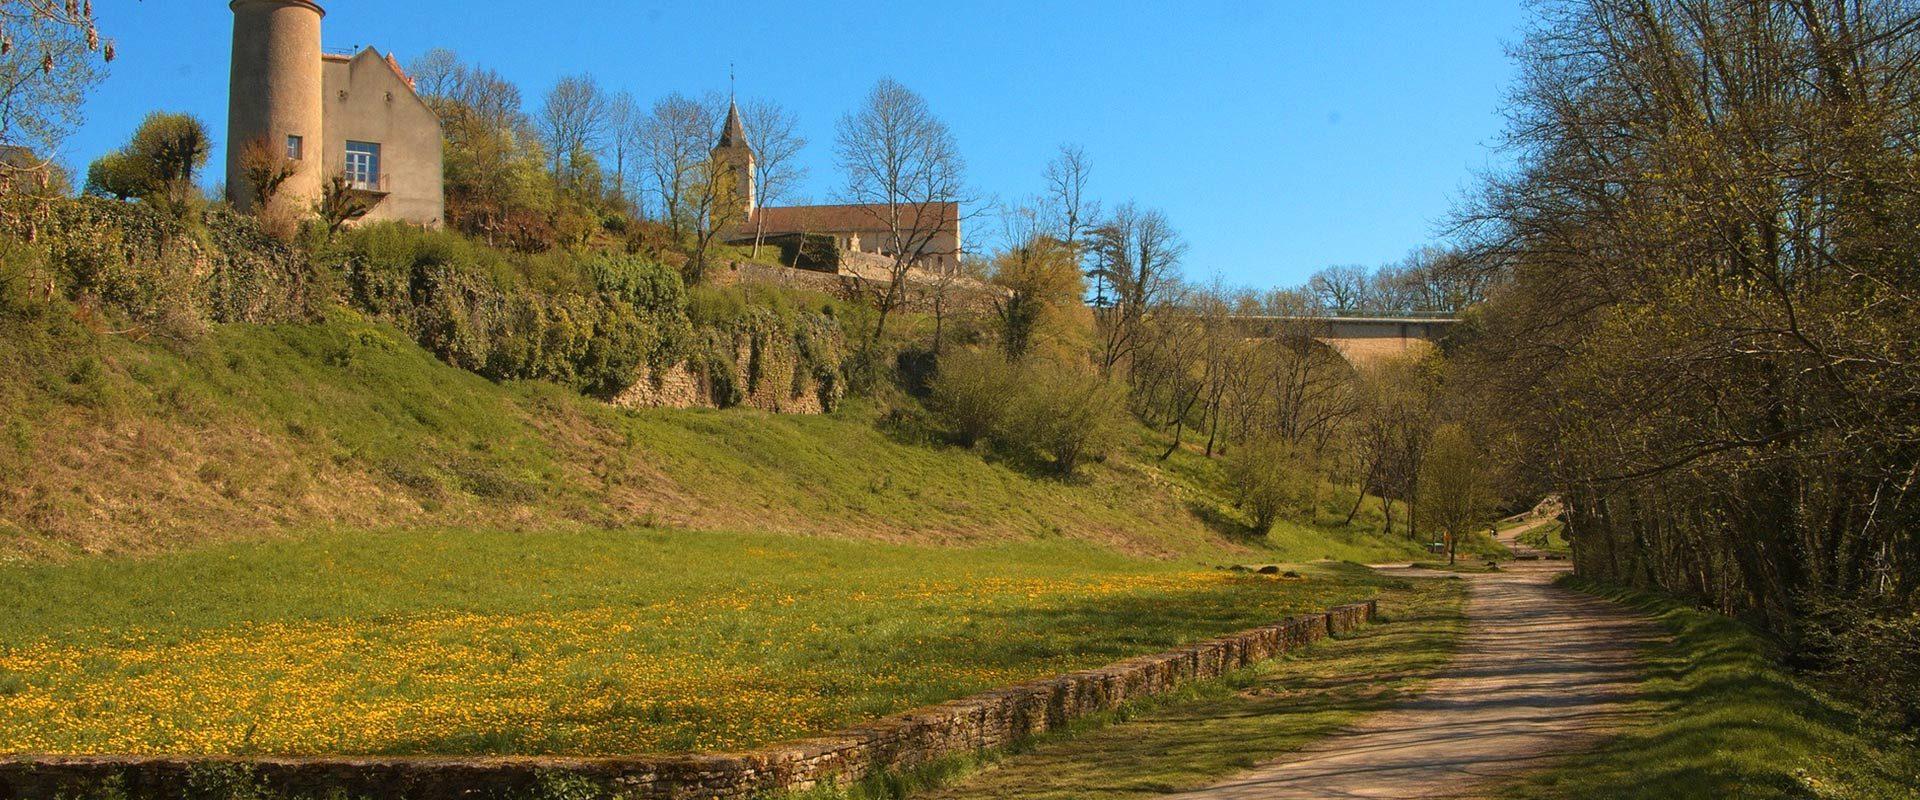 Pierre-Perthuis : le village, l'église et les deux ponts sur la cure